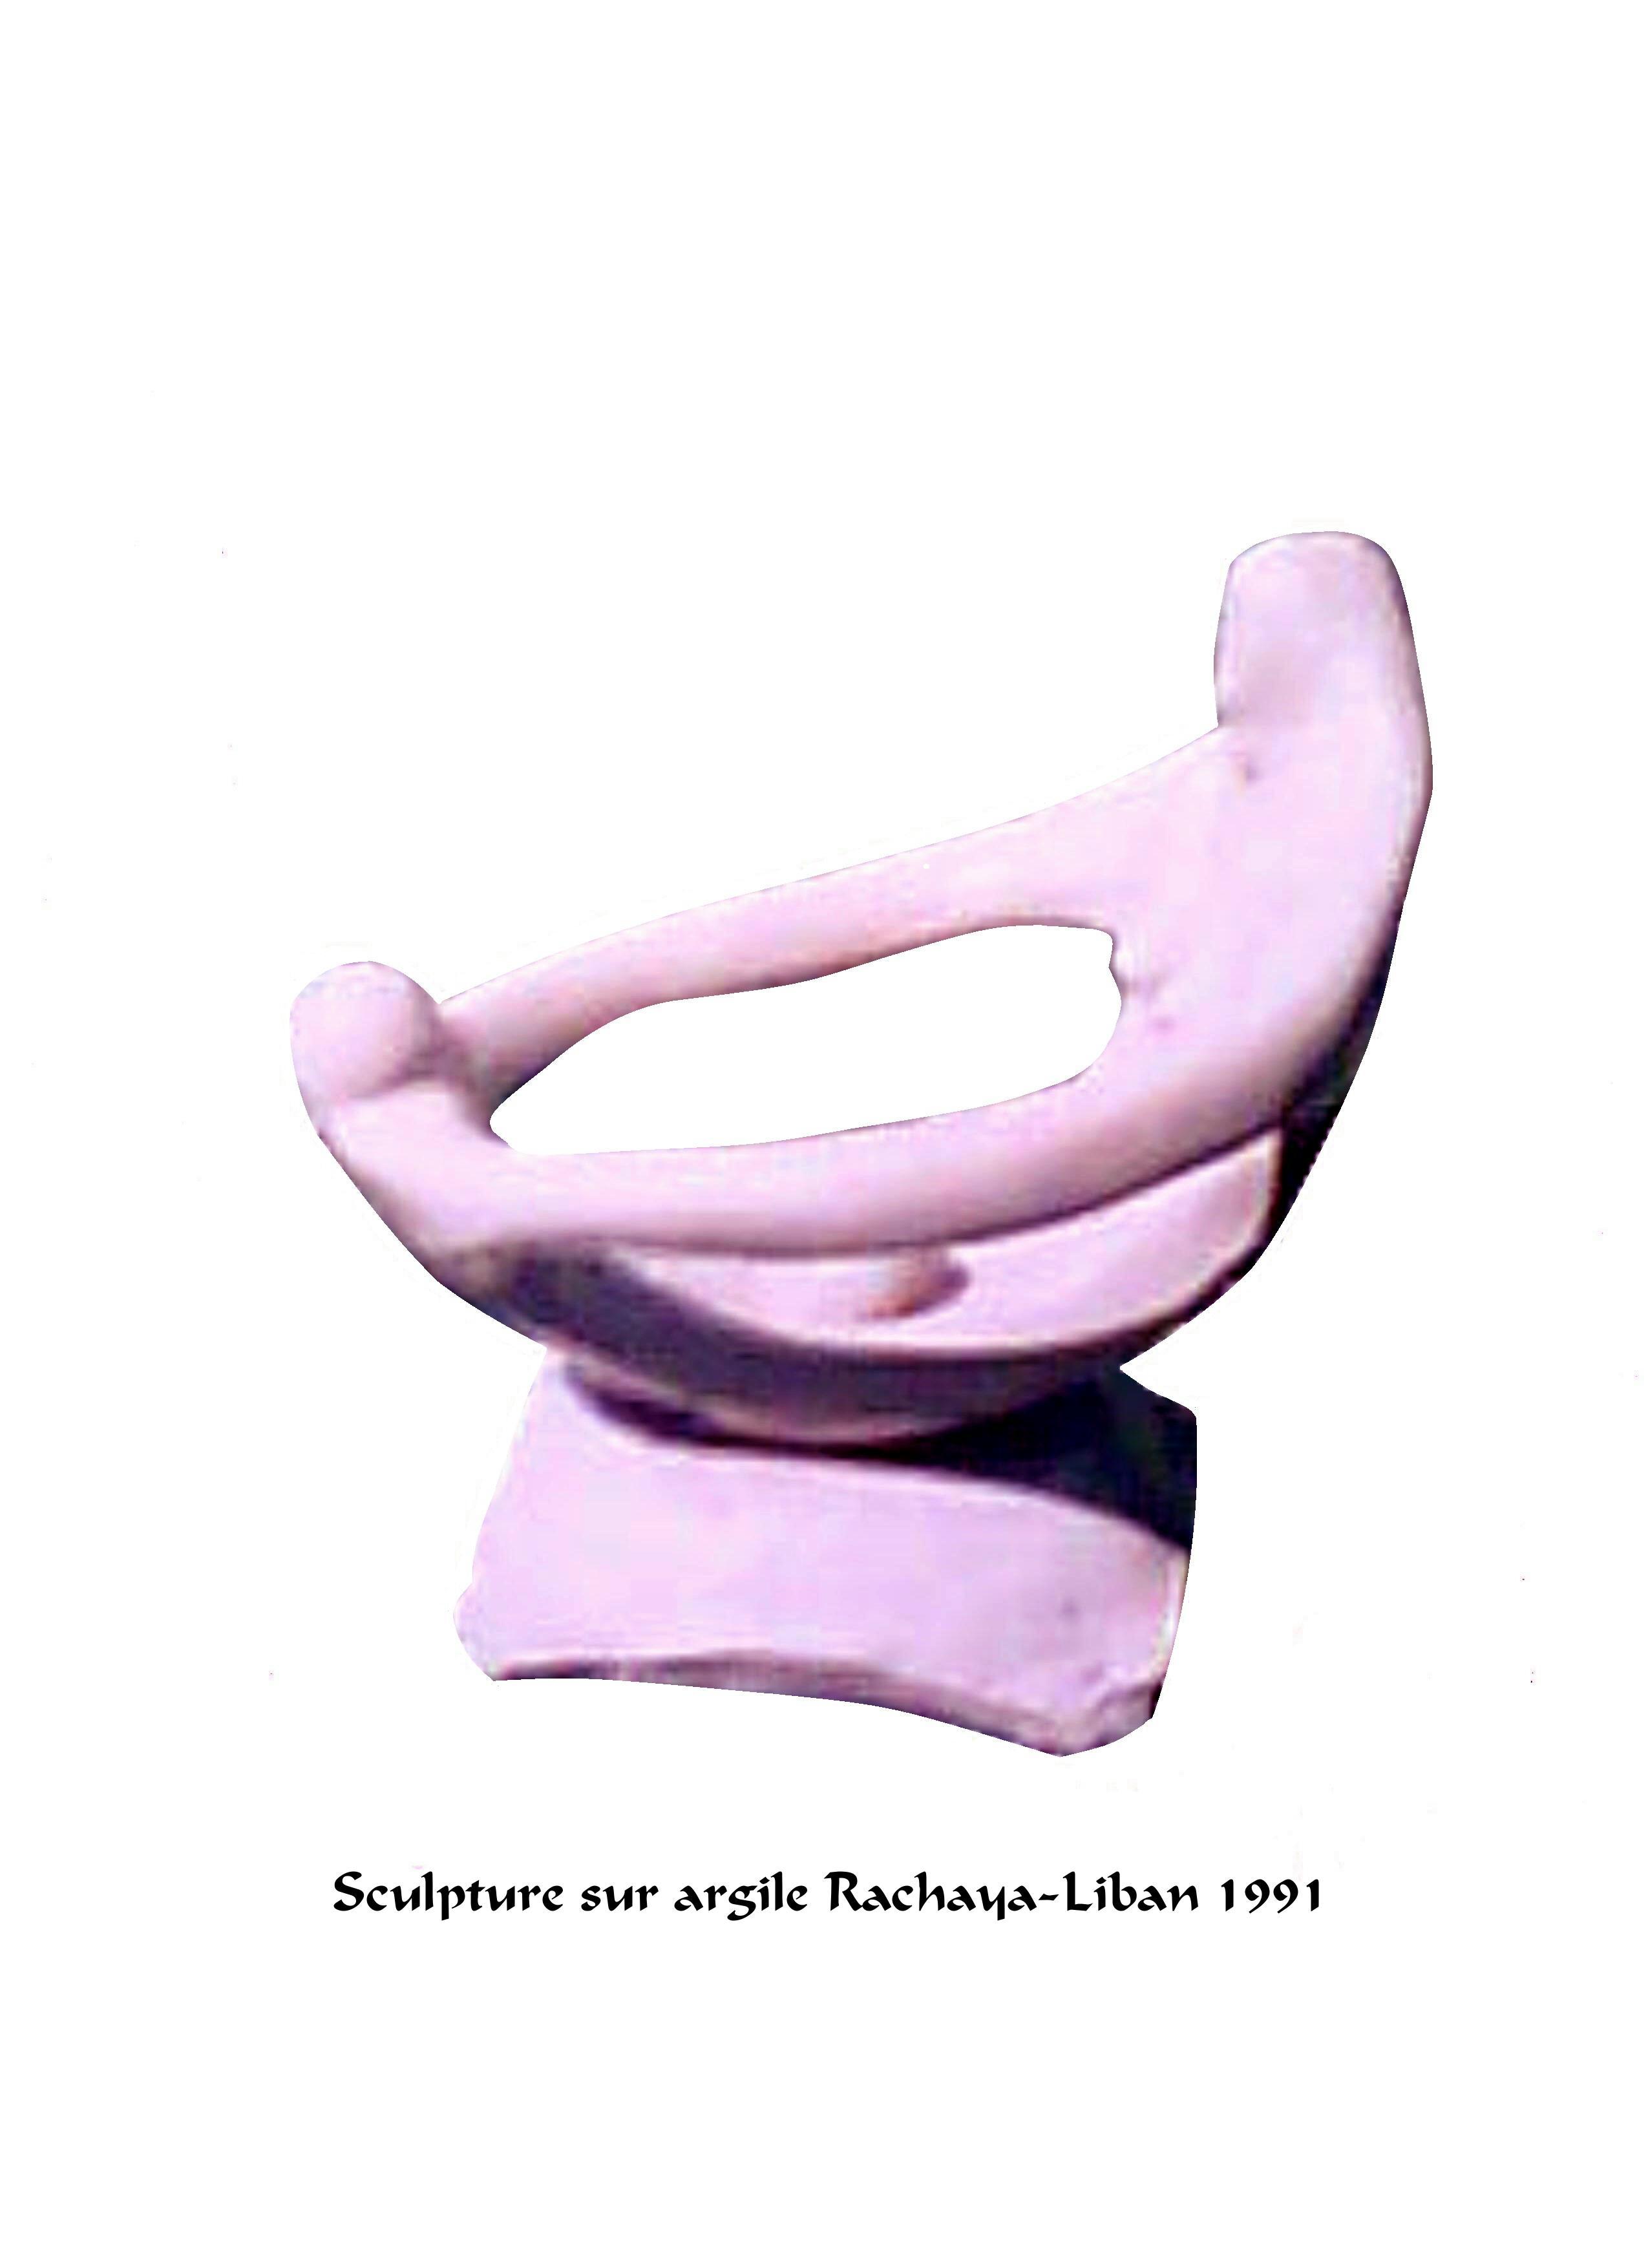 A--sculpture Mod. 1989